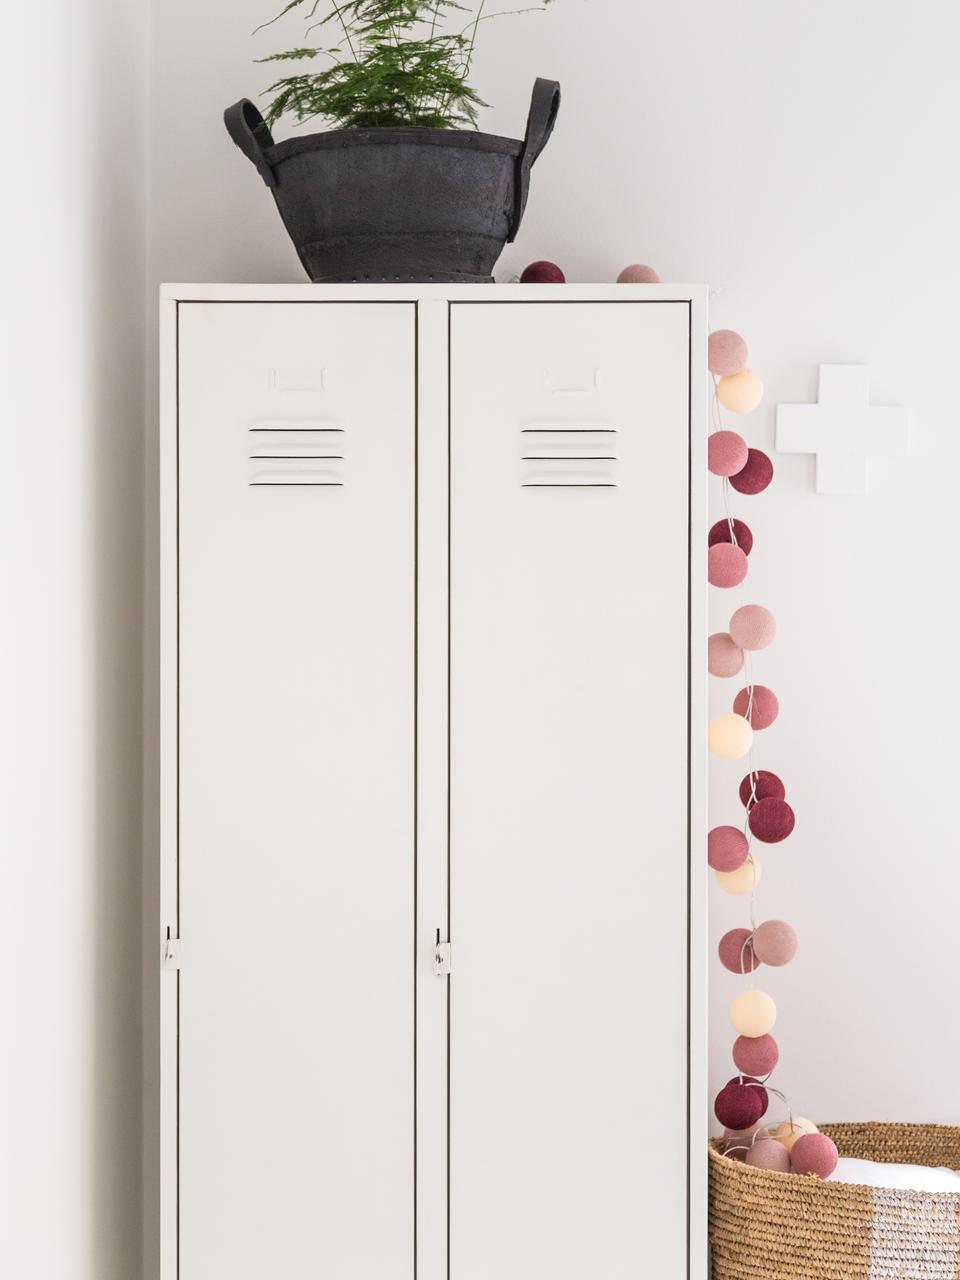 LED-Lichterkette Colorain, 378 cm, 20 Lampions, Cremeweiss, Rosa, Lilatöne, L 378 cm